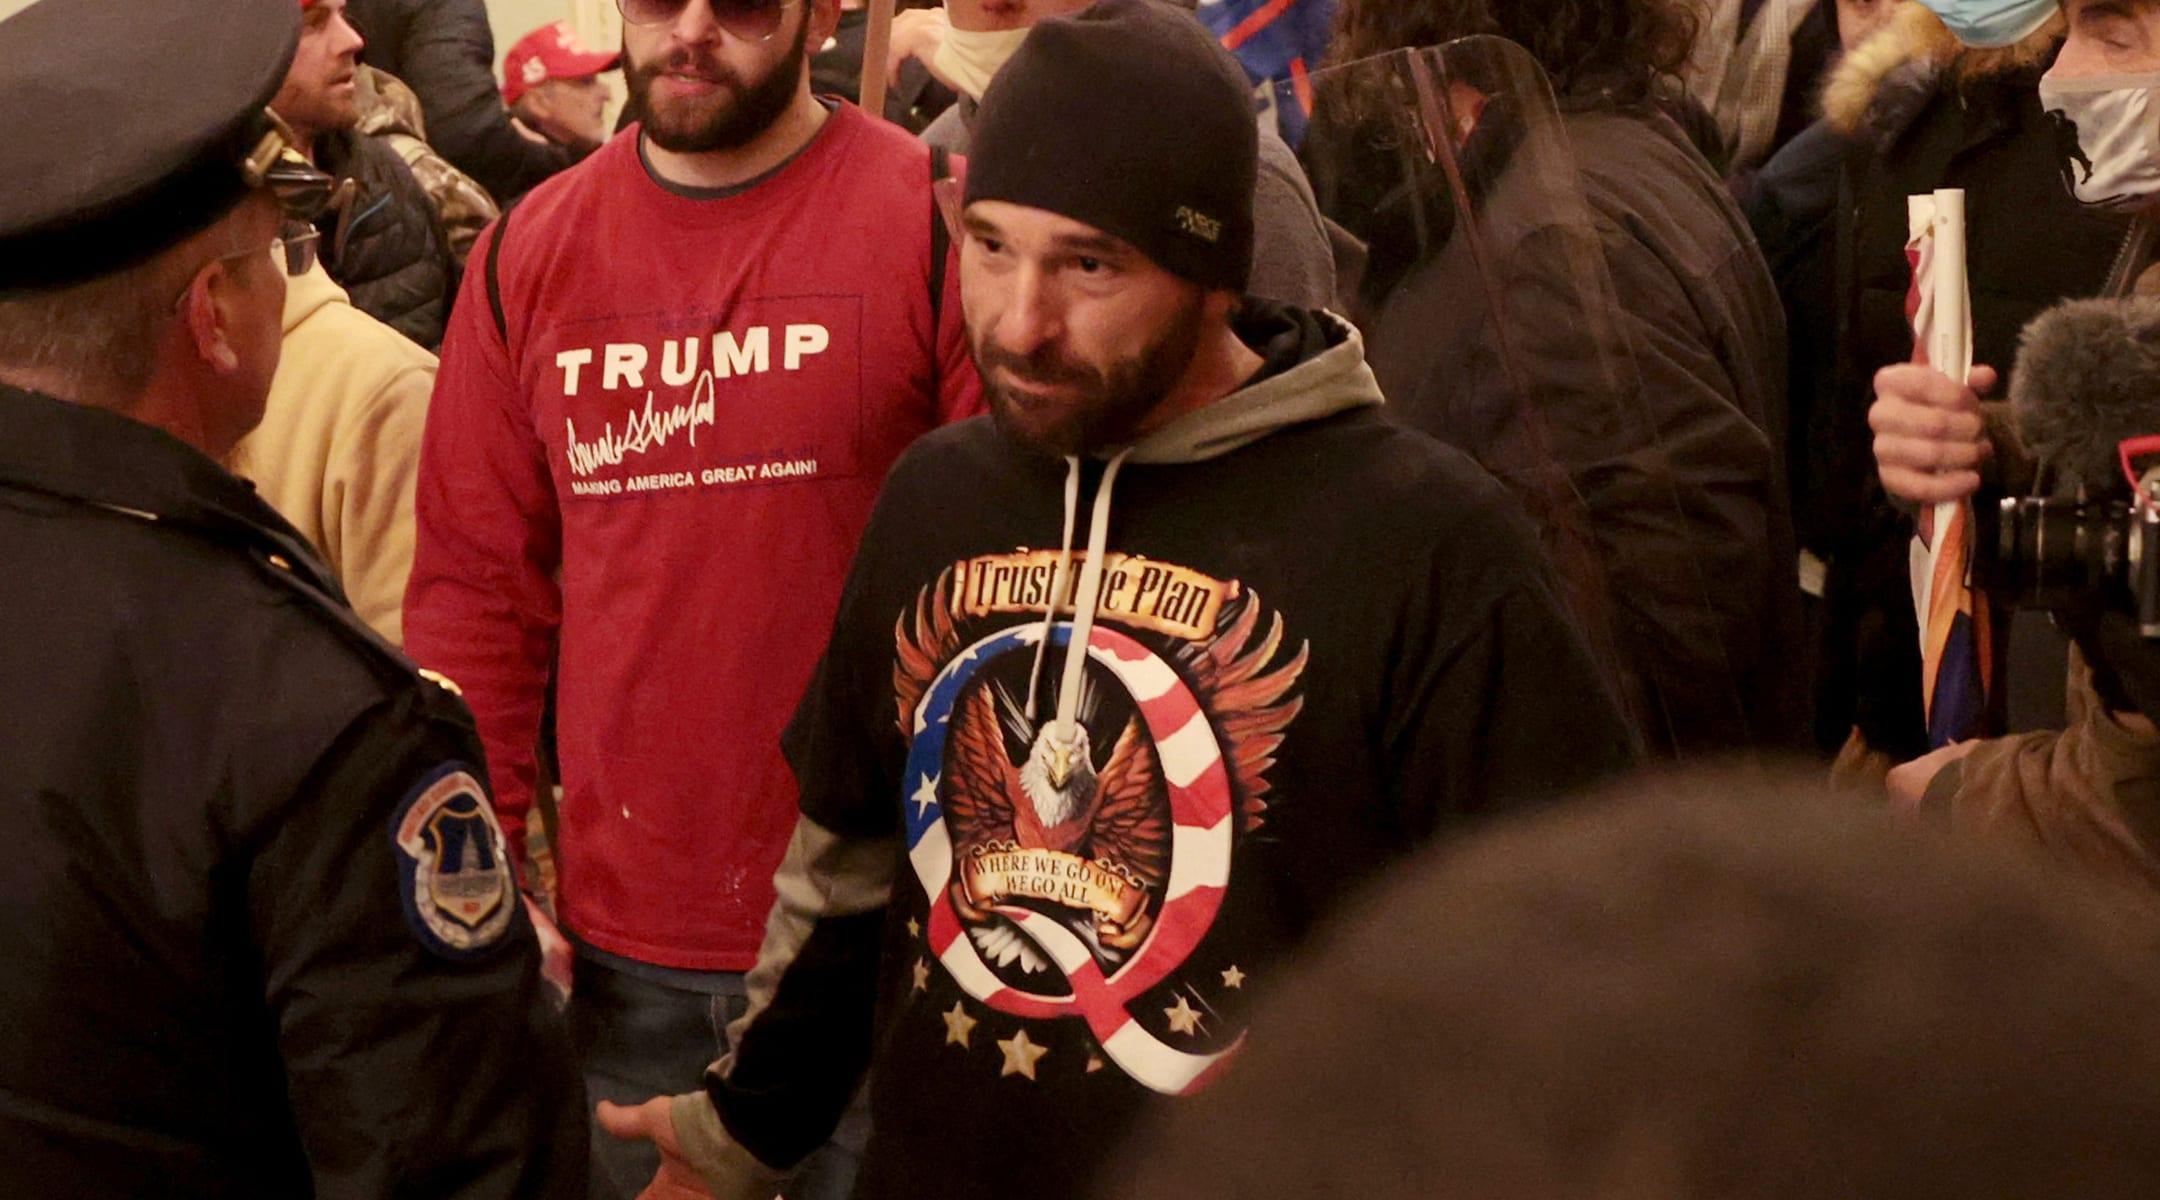 מפגינים מתווכחים עם משטרת הקפיטול בבניין הקפיטול בארצות הברית, 6 בינואר 2021 (צילום: Win McNamee/Getty Images/JTA)